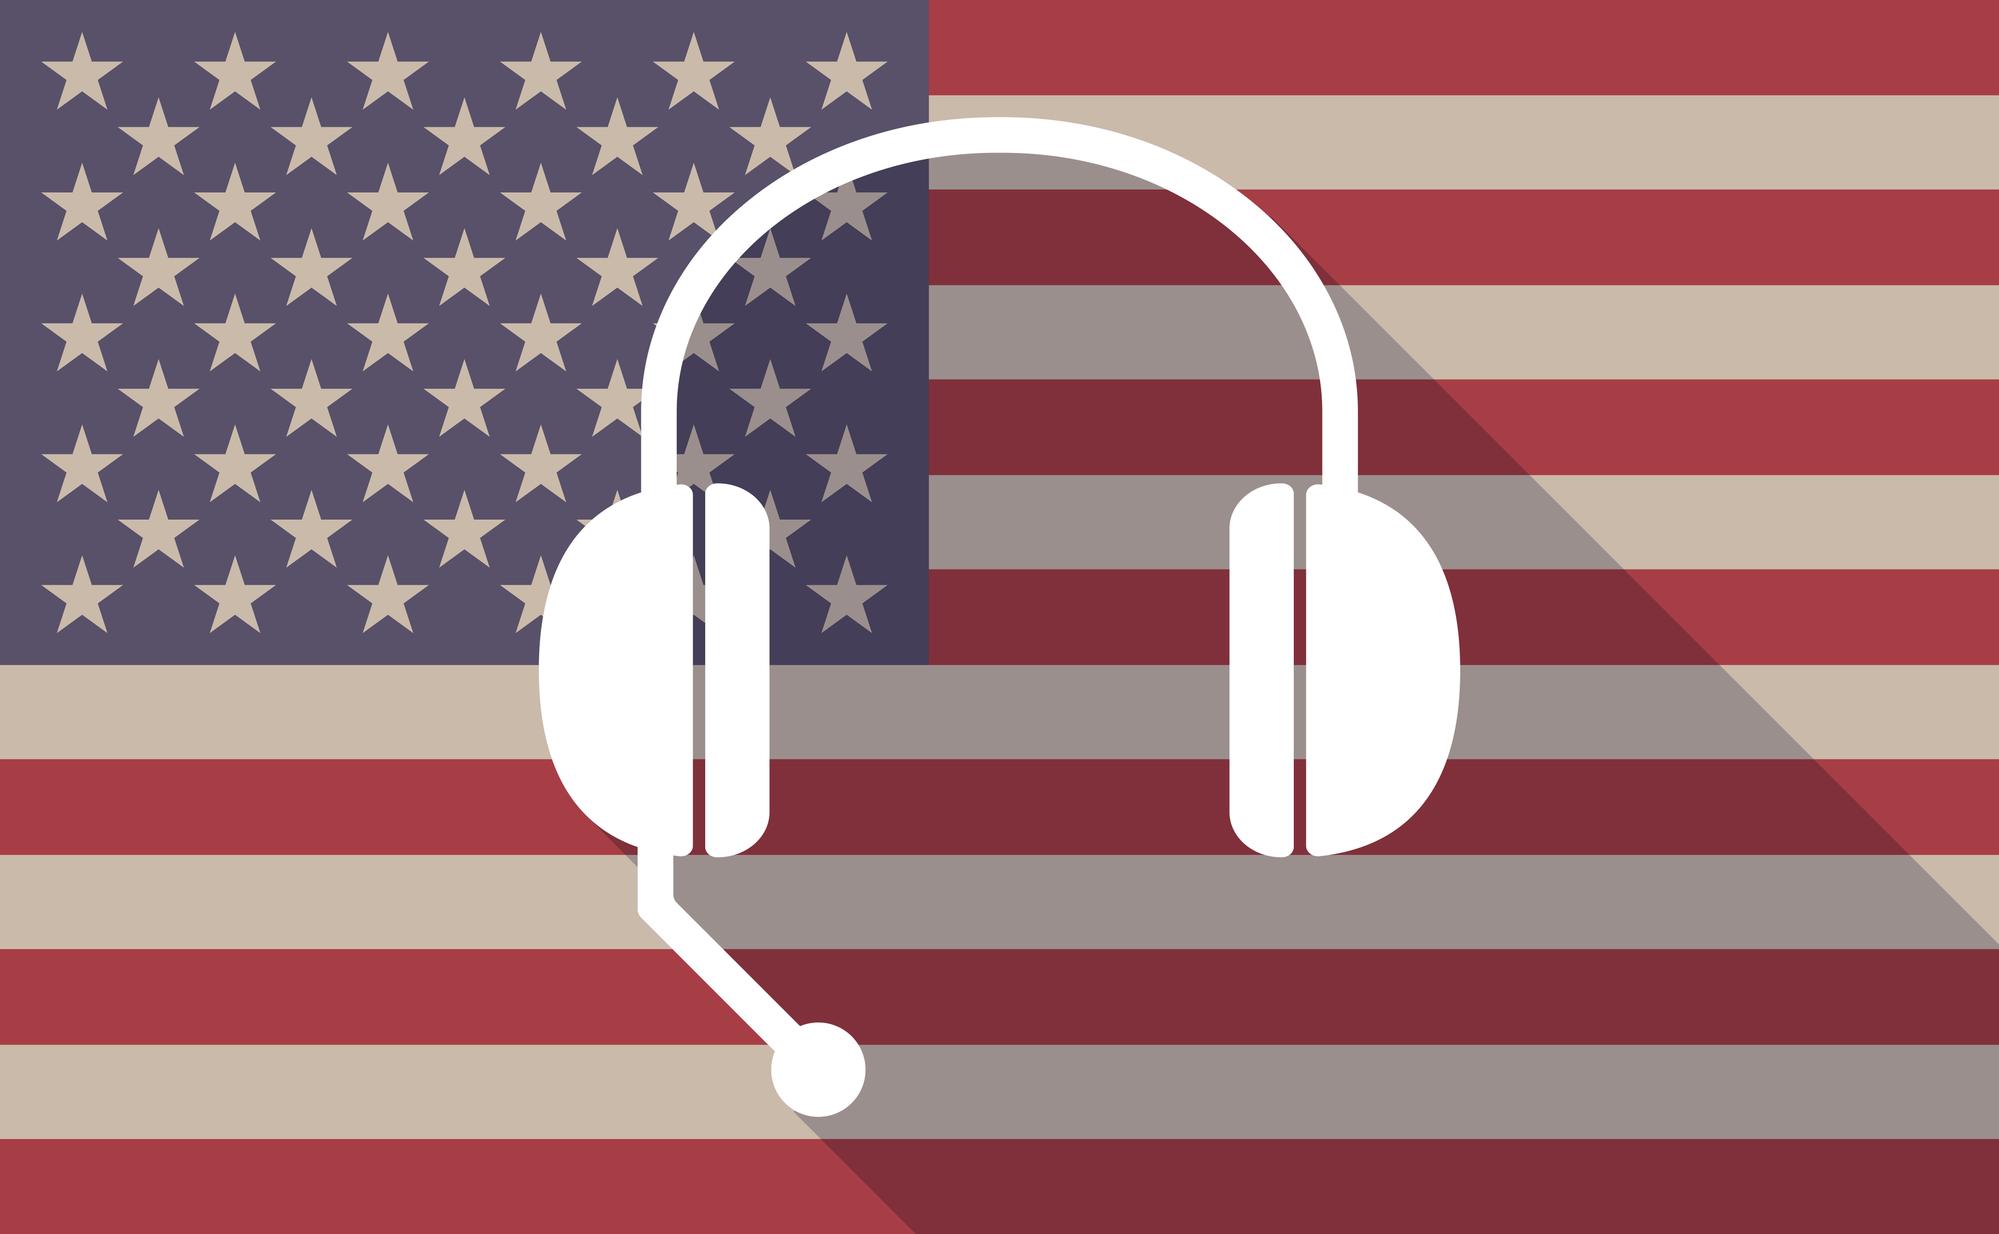 U.S. call center